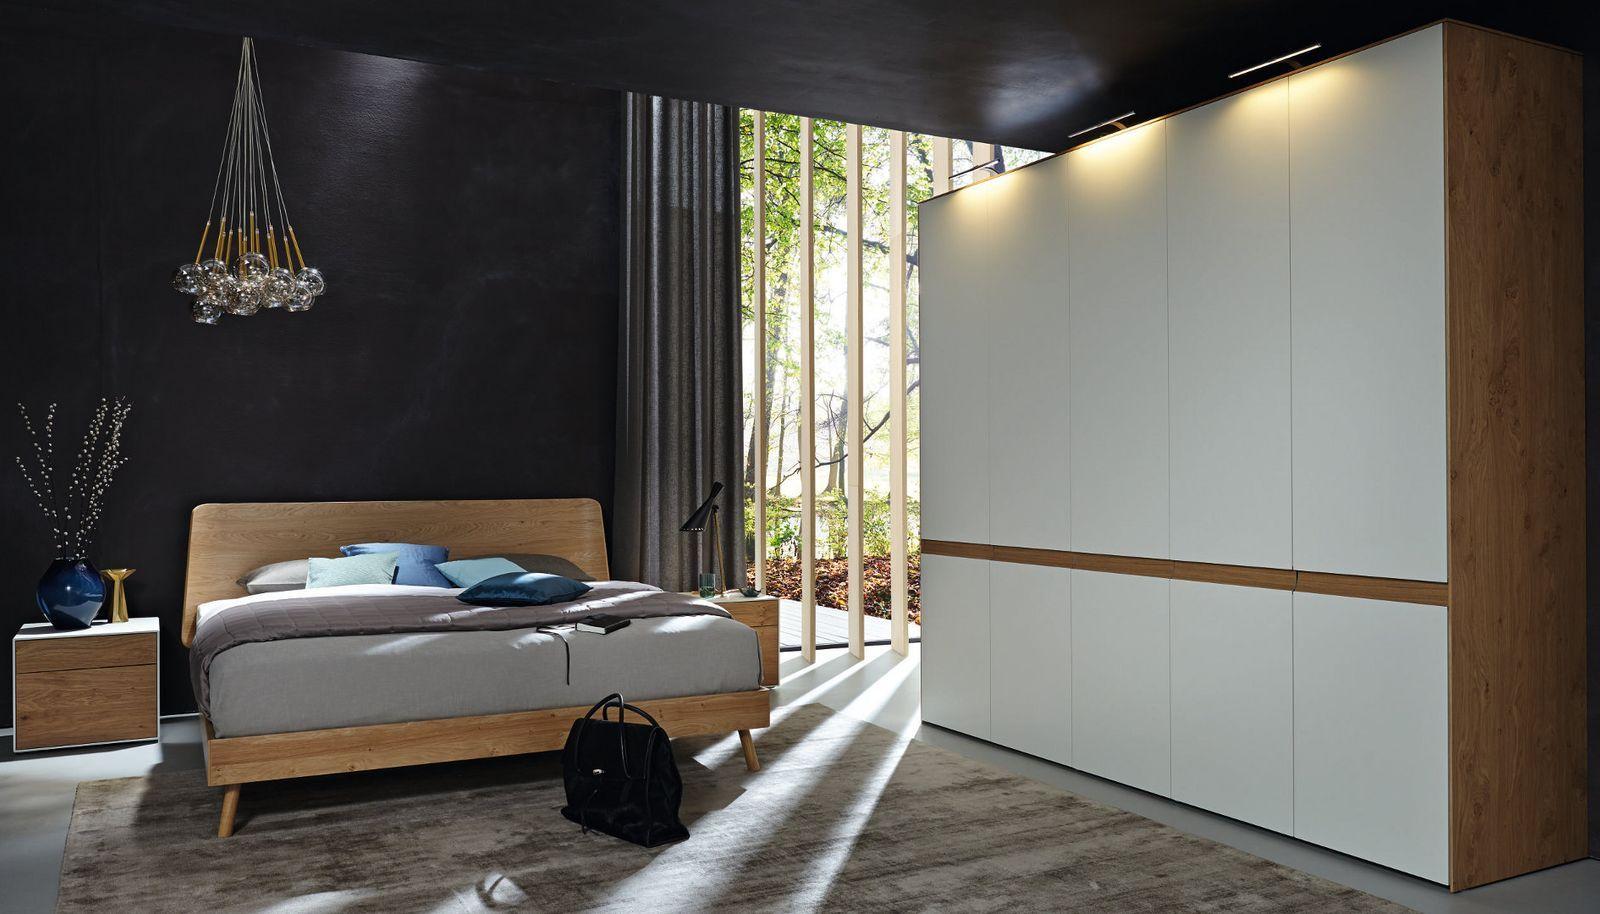 Schlafzimmerschrank hülsta ~ Hülsta slaapkamer droomslaapkamer